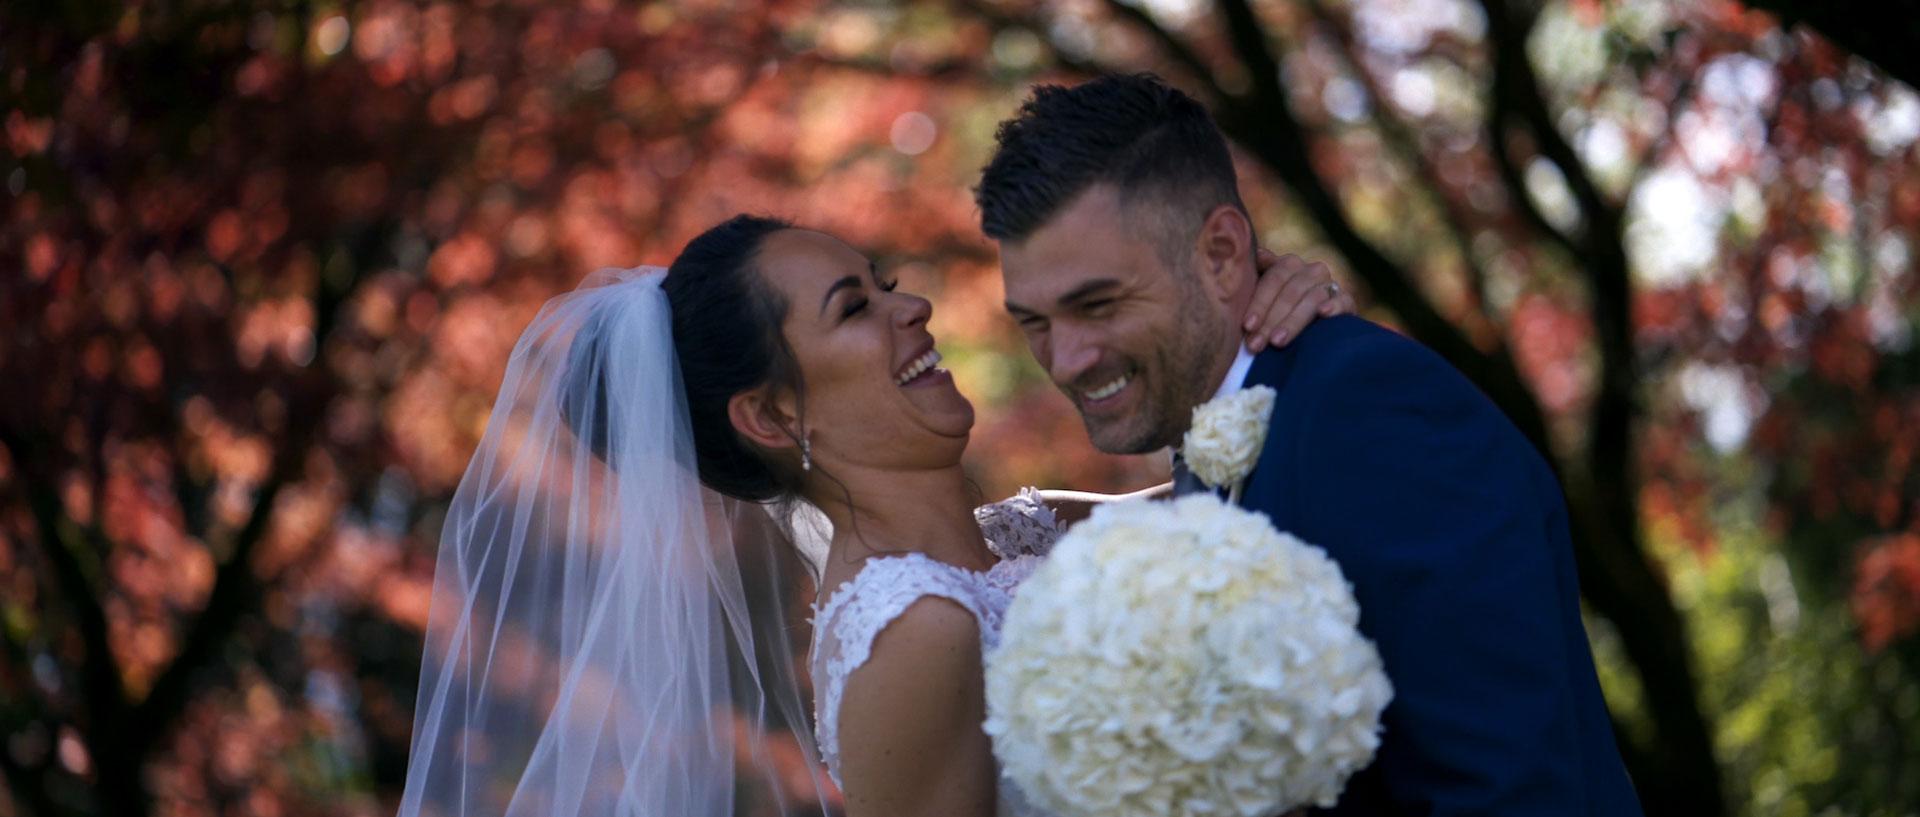 Peter & Emma Eaves Hall Wedding